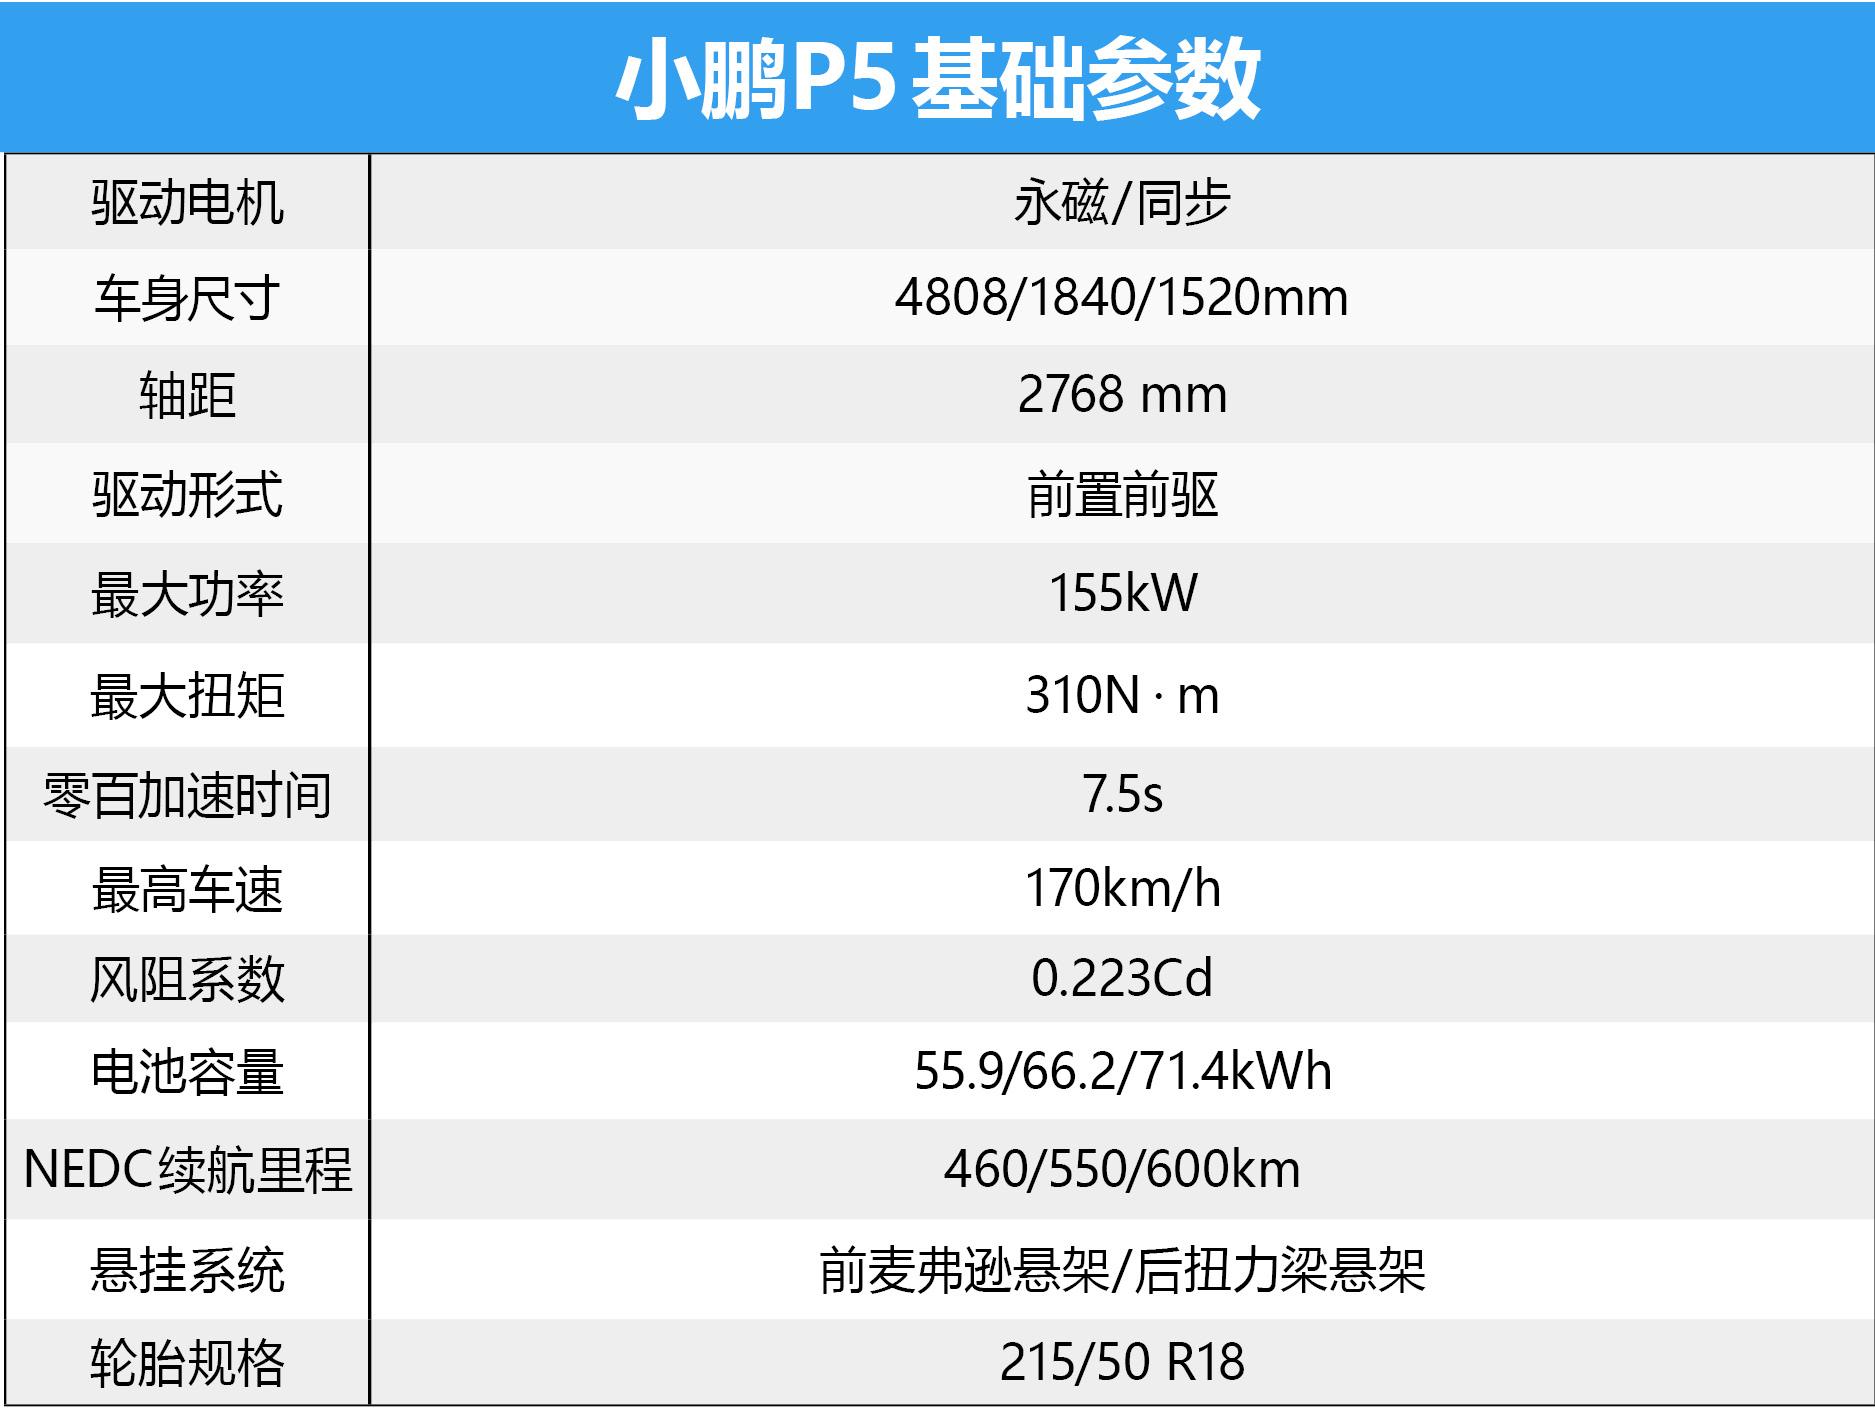 首搭激光雷达/售价15.79万元起 小鹏P5正式上市